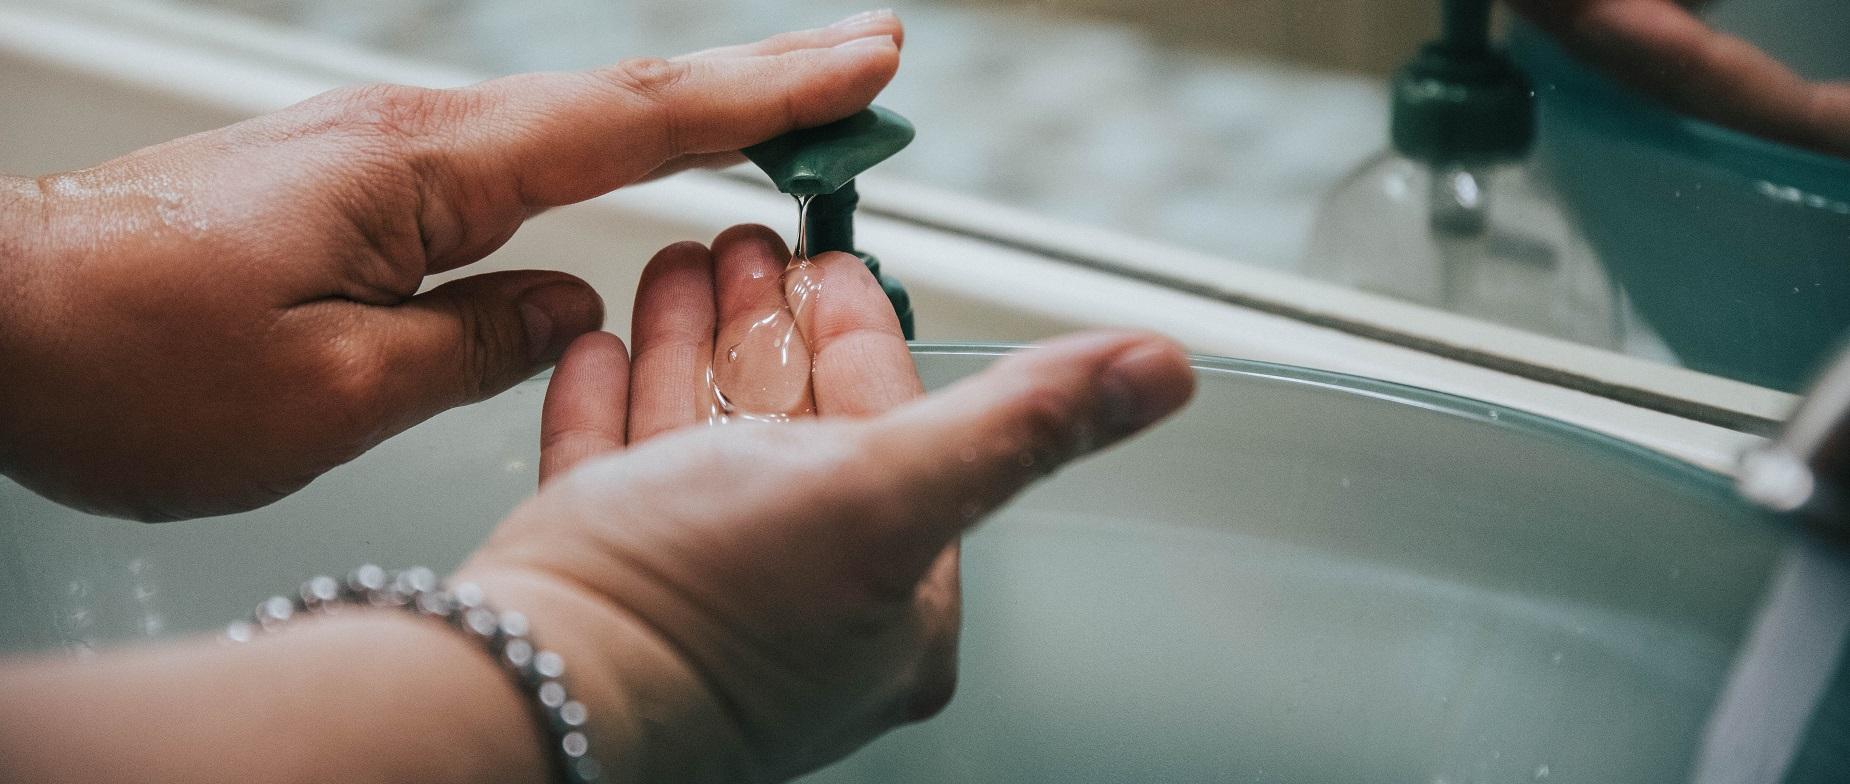 Tous les gestes d'hygiène au bureau